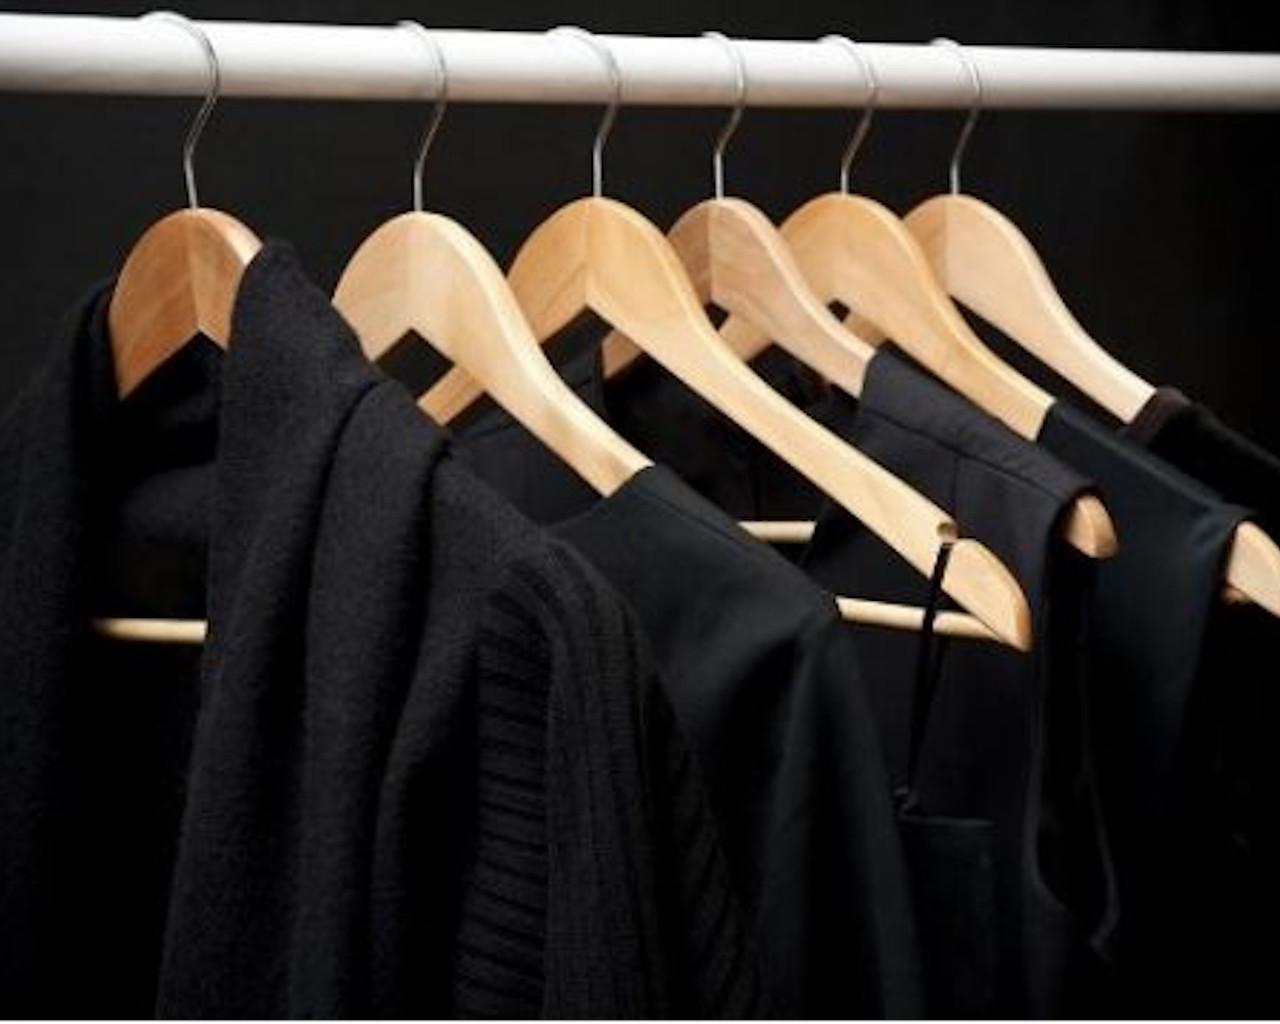 μαυρα ρουχα,μαυρα ρουχα για πενθοσ,μαυρα ρουχα ψυχολογια,μαυρα ρουχα ανδρικα,μαυρα ρουχα μεγαλα μεγεθη,μαυρα ρουχα γυναικεια,μαυρα ρουχα για κηδεια